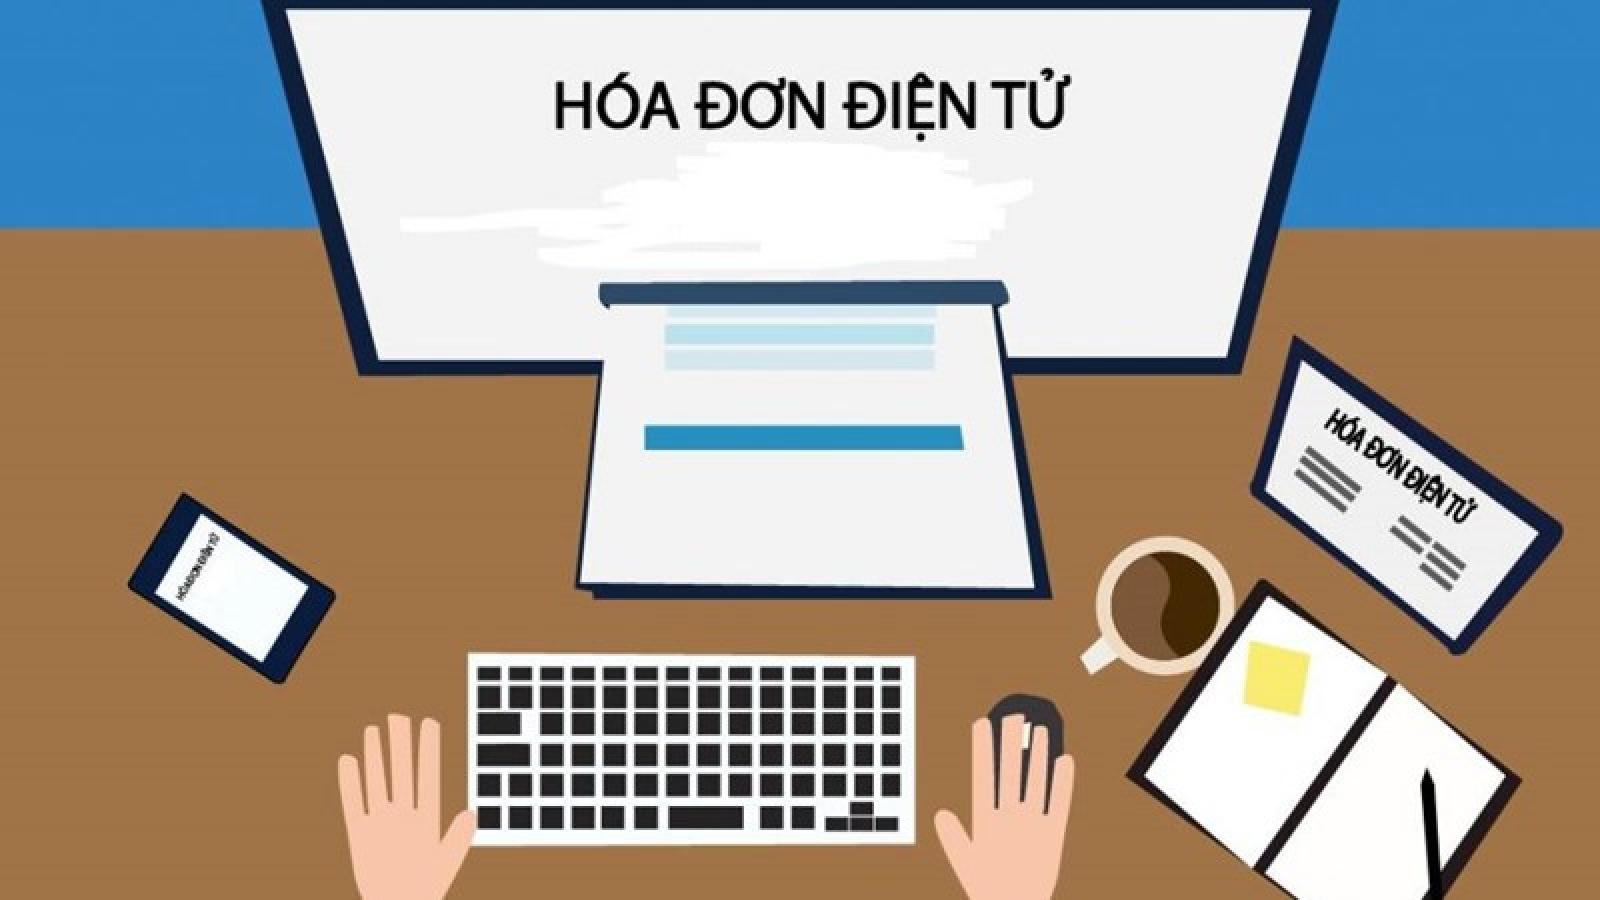 Sắp triển khai hệ thống hóa đơn điện tử tại 6 tỉnh, thành phố